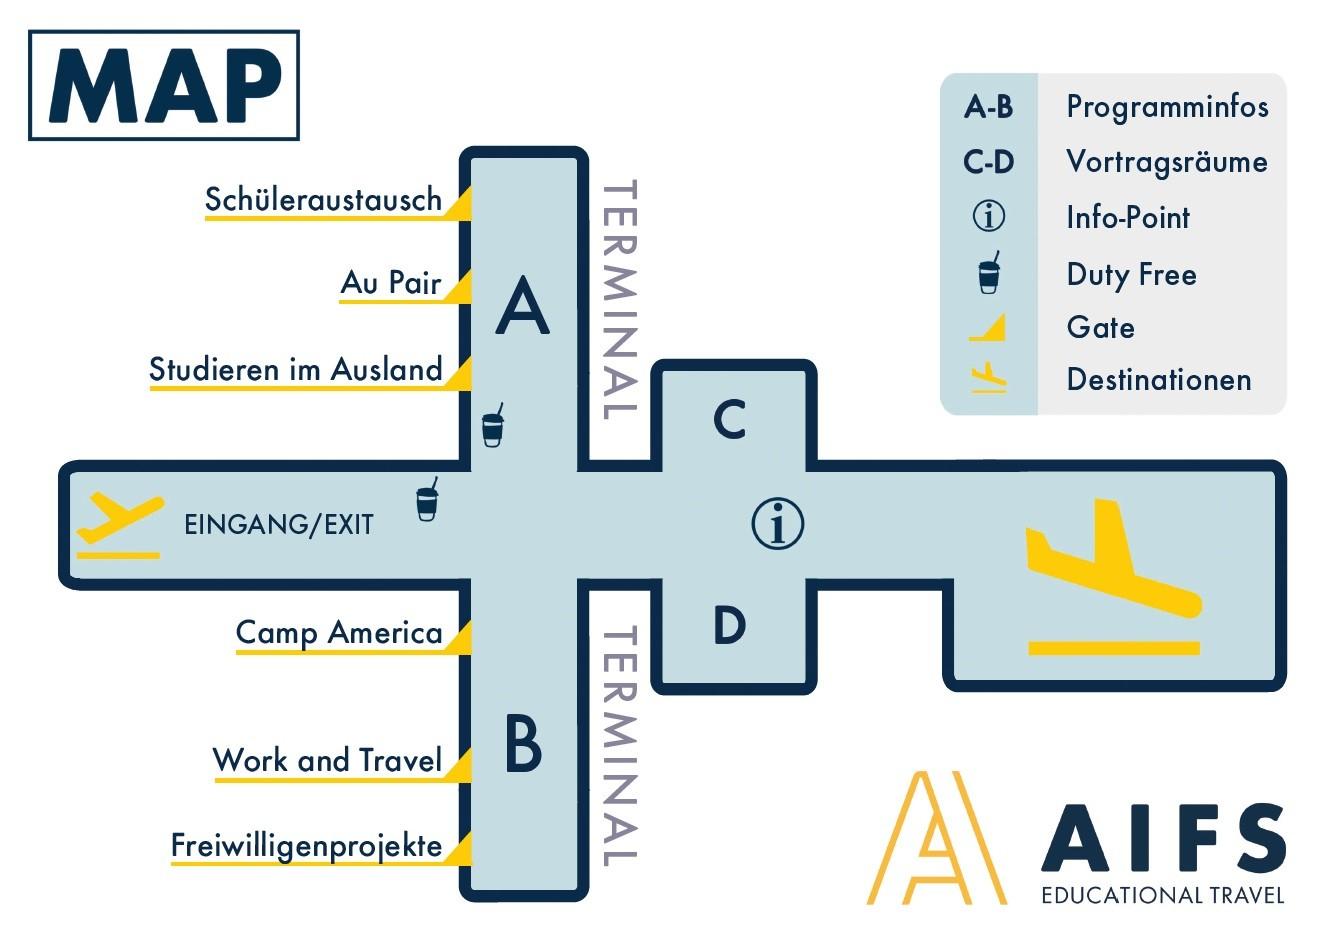 Flughafen Map - AIFS Büro - Schüleraustausch, Au Pair, Studieren im Ausland, Camp America, Work and Travel, Freiwilligenprojekte